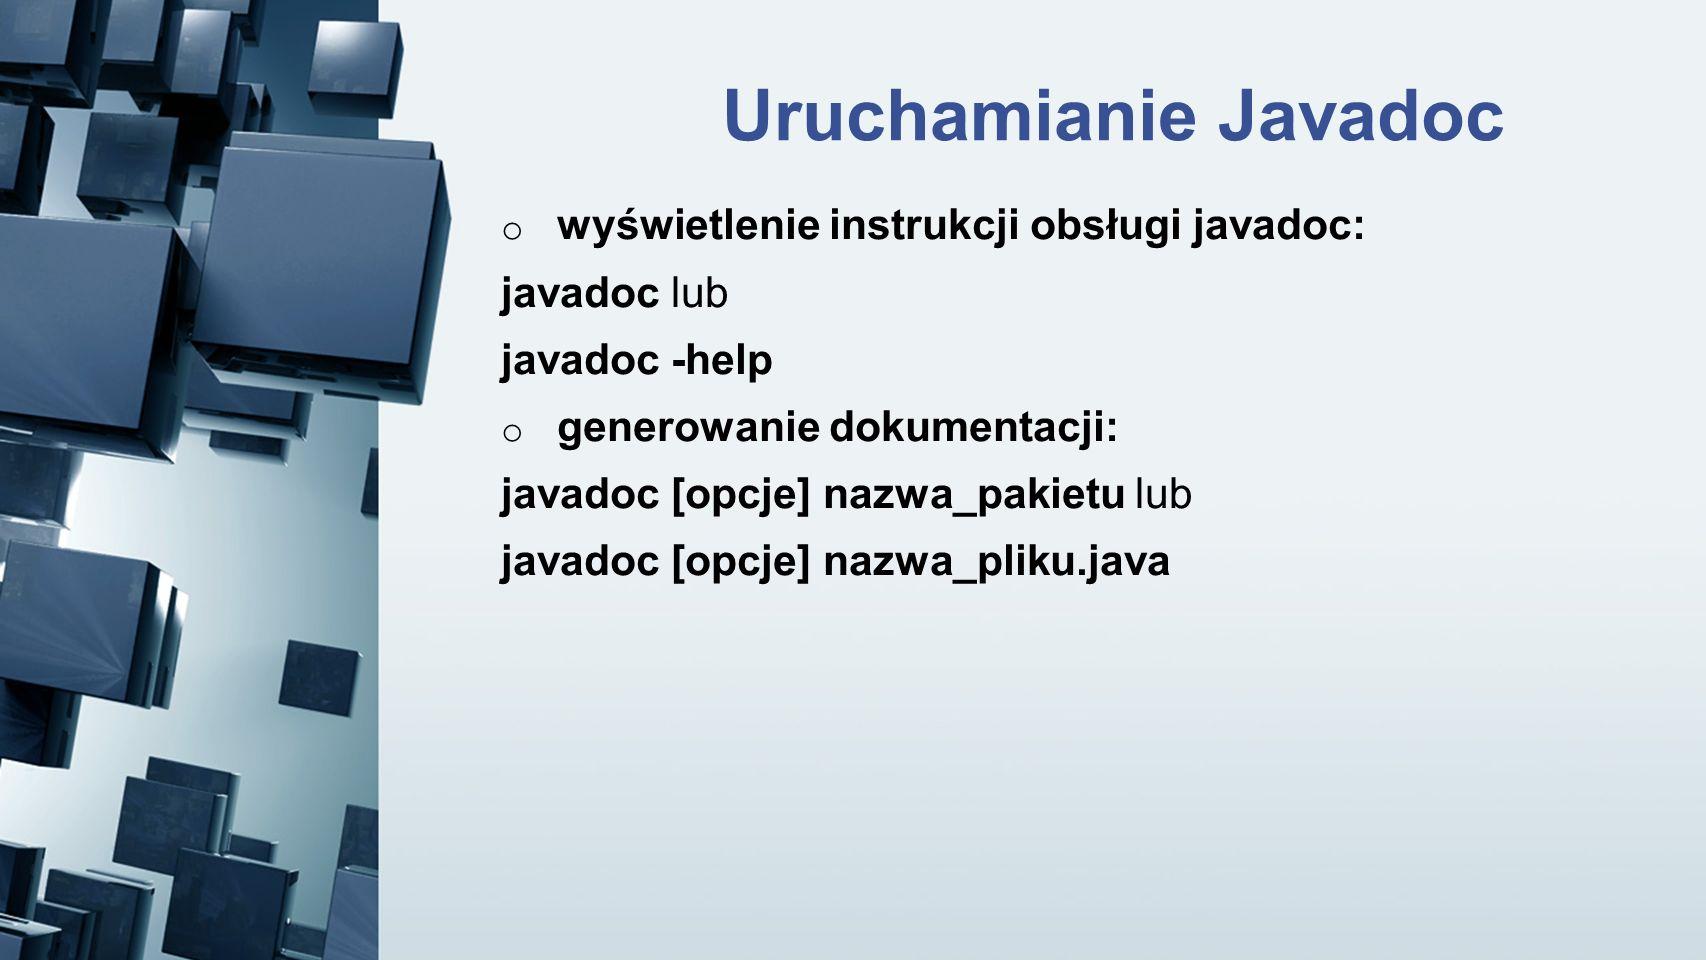 Uruchamianie Javadoc wyświetlenie instrukcji obsługi javadoc: